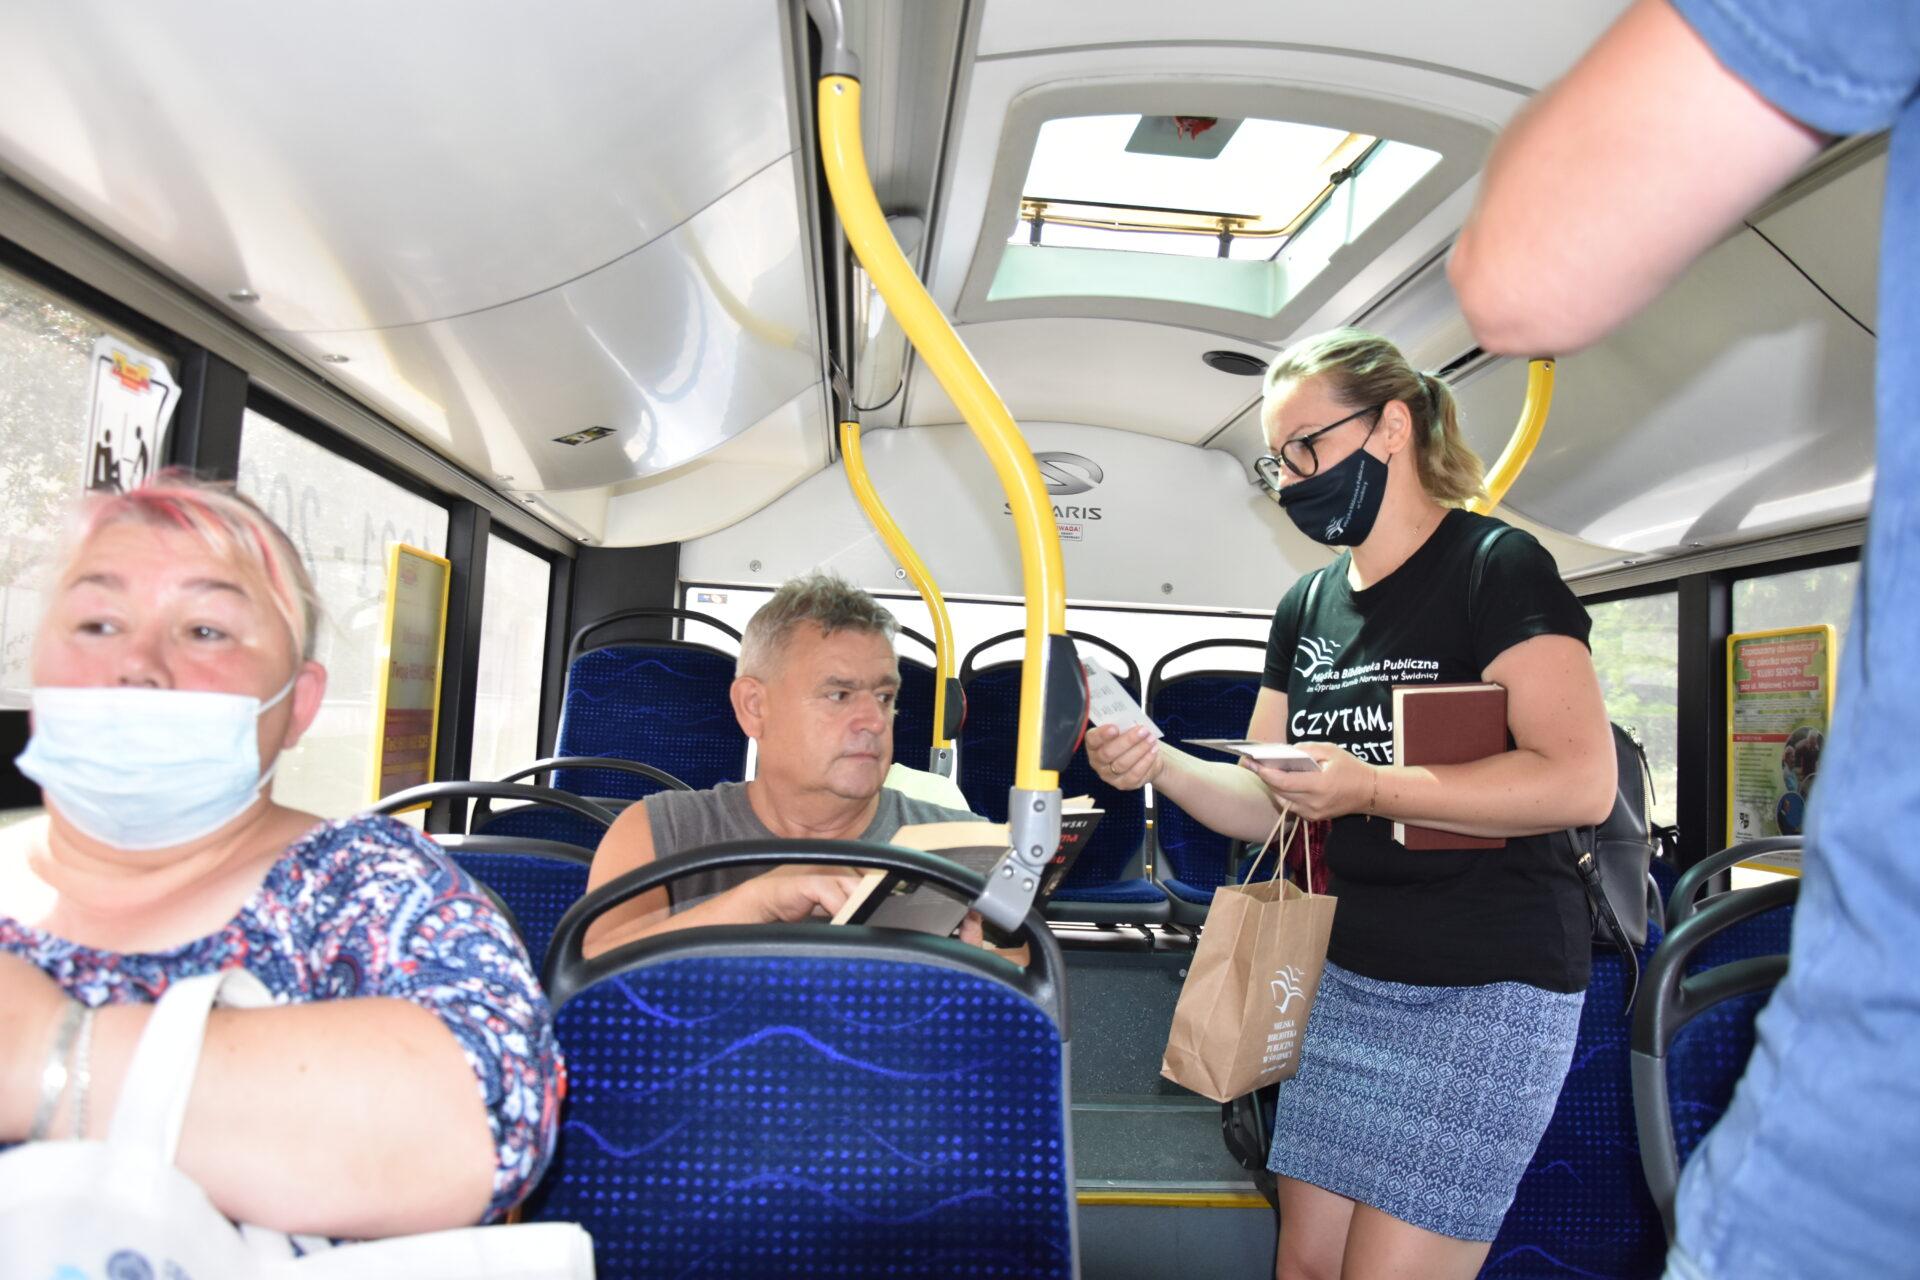 pracownik Miejskiej Biblioteki Publicznej rozdający zakładki do książek w autobusi